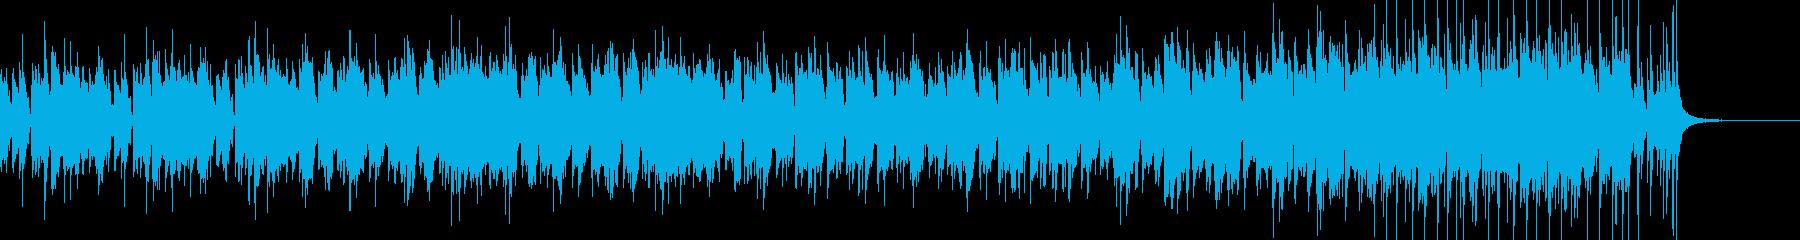 大都会の夜景(メロディーなし版)の再生済みの波形